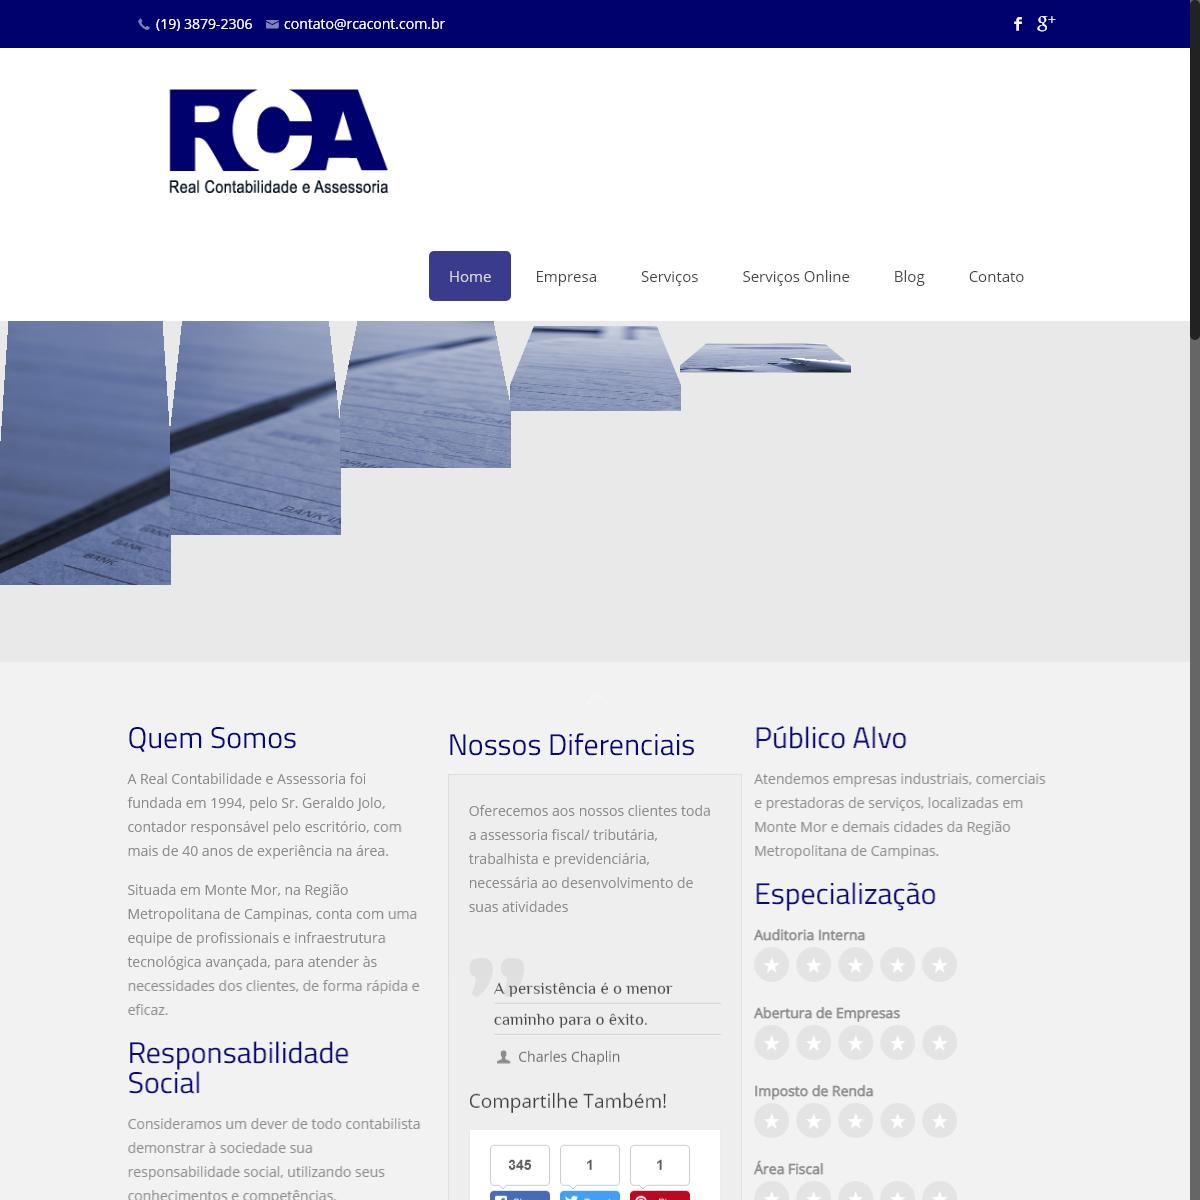 Real Contabilidade Assessoria - Serviços Contábil, Fiscal, Departamento Pessoal